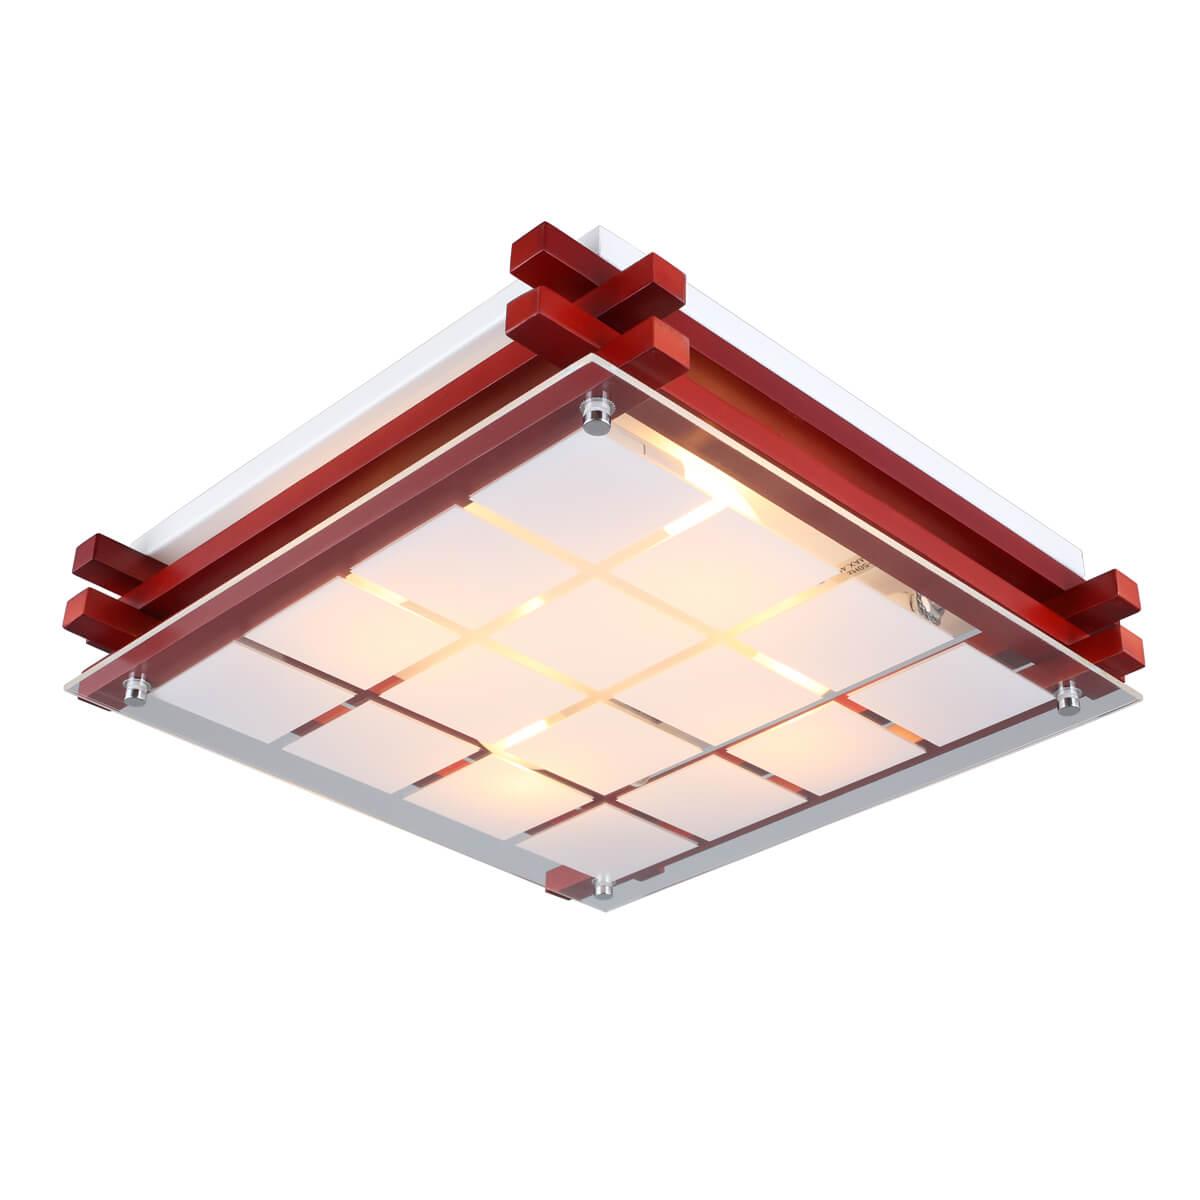 Настенный светильник Omnilux OML-40527-02 накладной светильник omnilux om 405 oml 40527 01